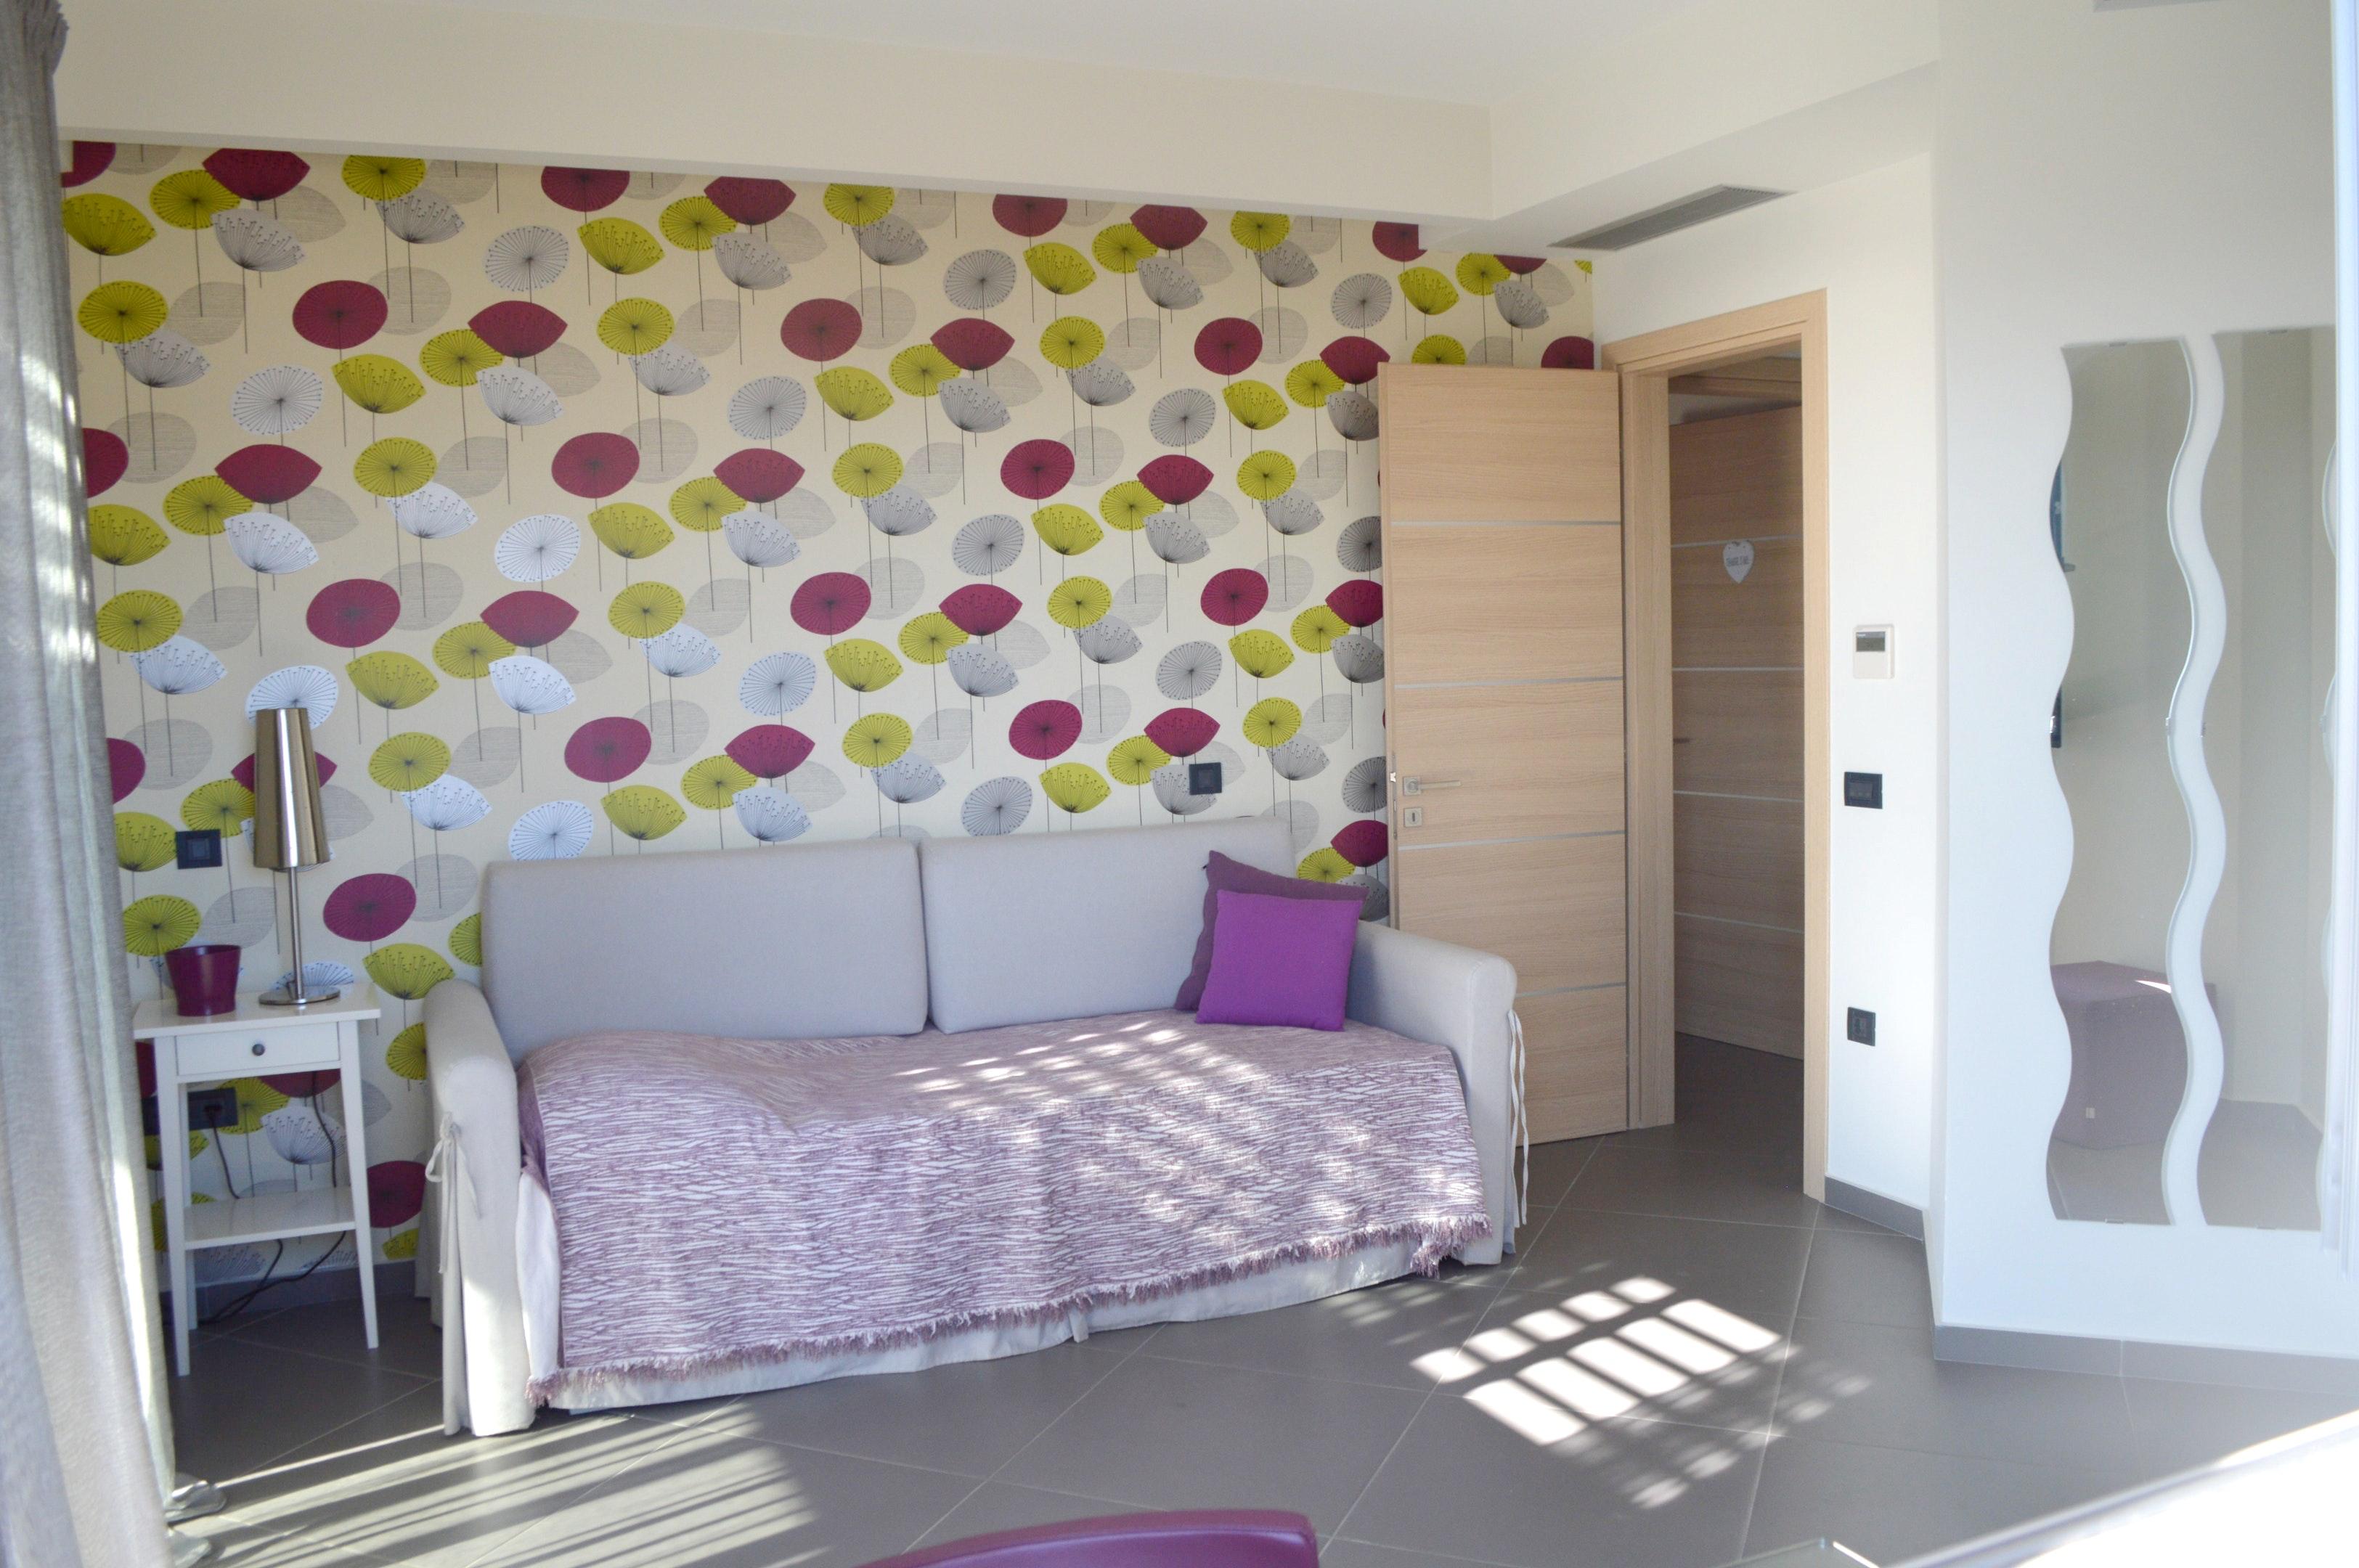 Maison de vacances Villa mit 4 Schlafzimmern in Anavissos mit herrlichem Meerblick, privatem Pool, eingezäunt (2339408), Thimari, , Attique, Grèce, image 11